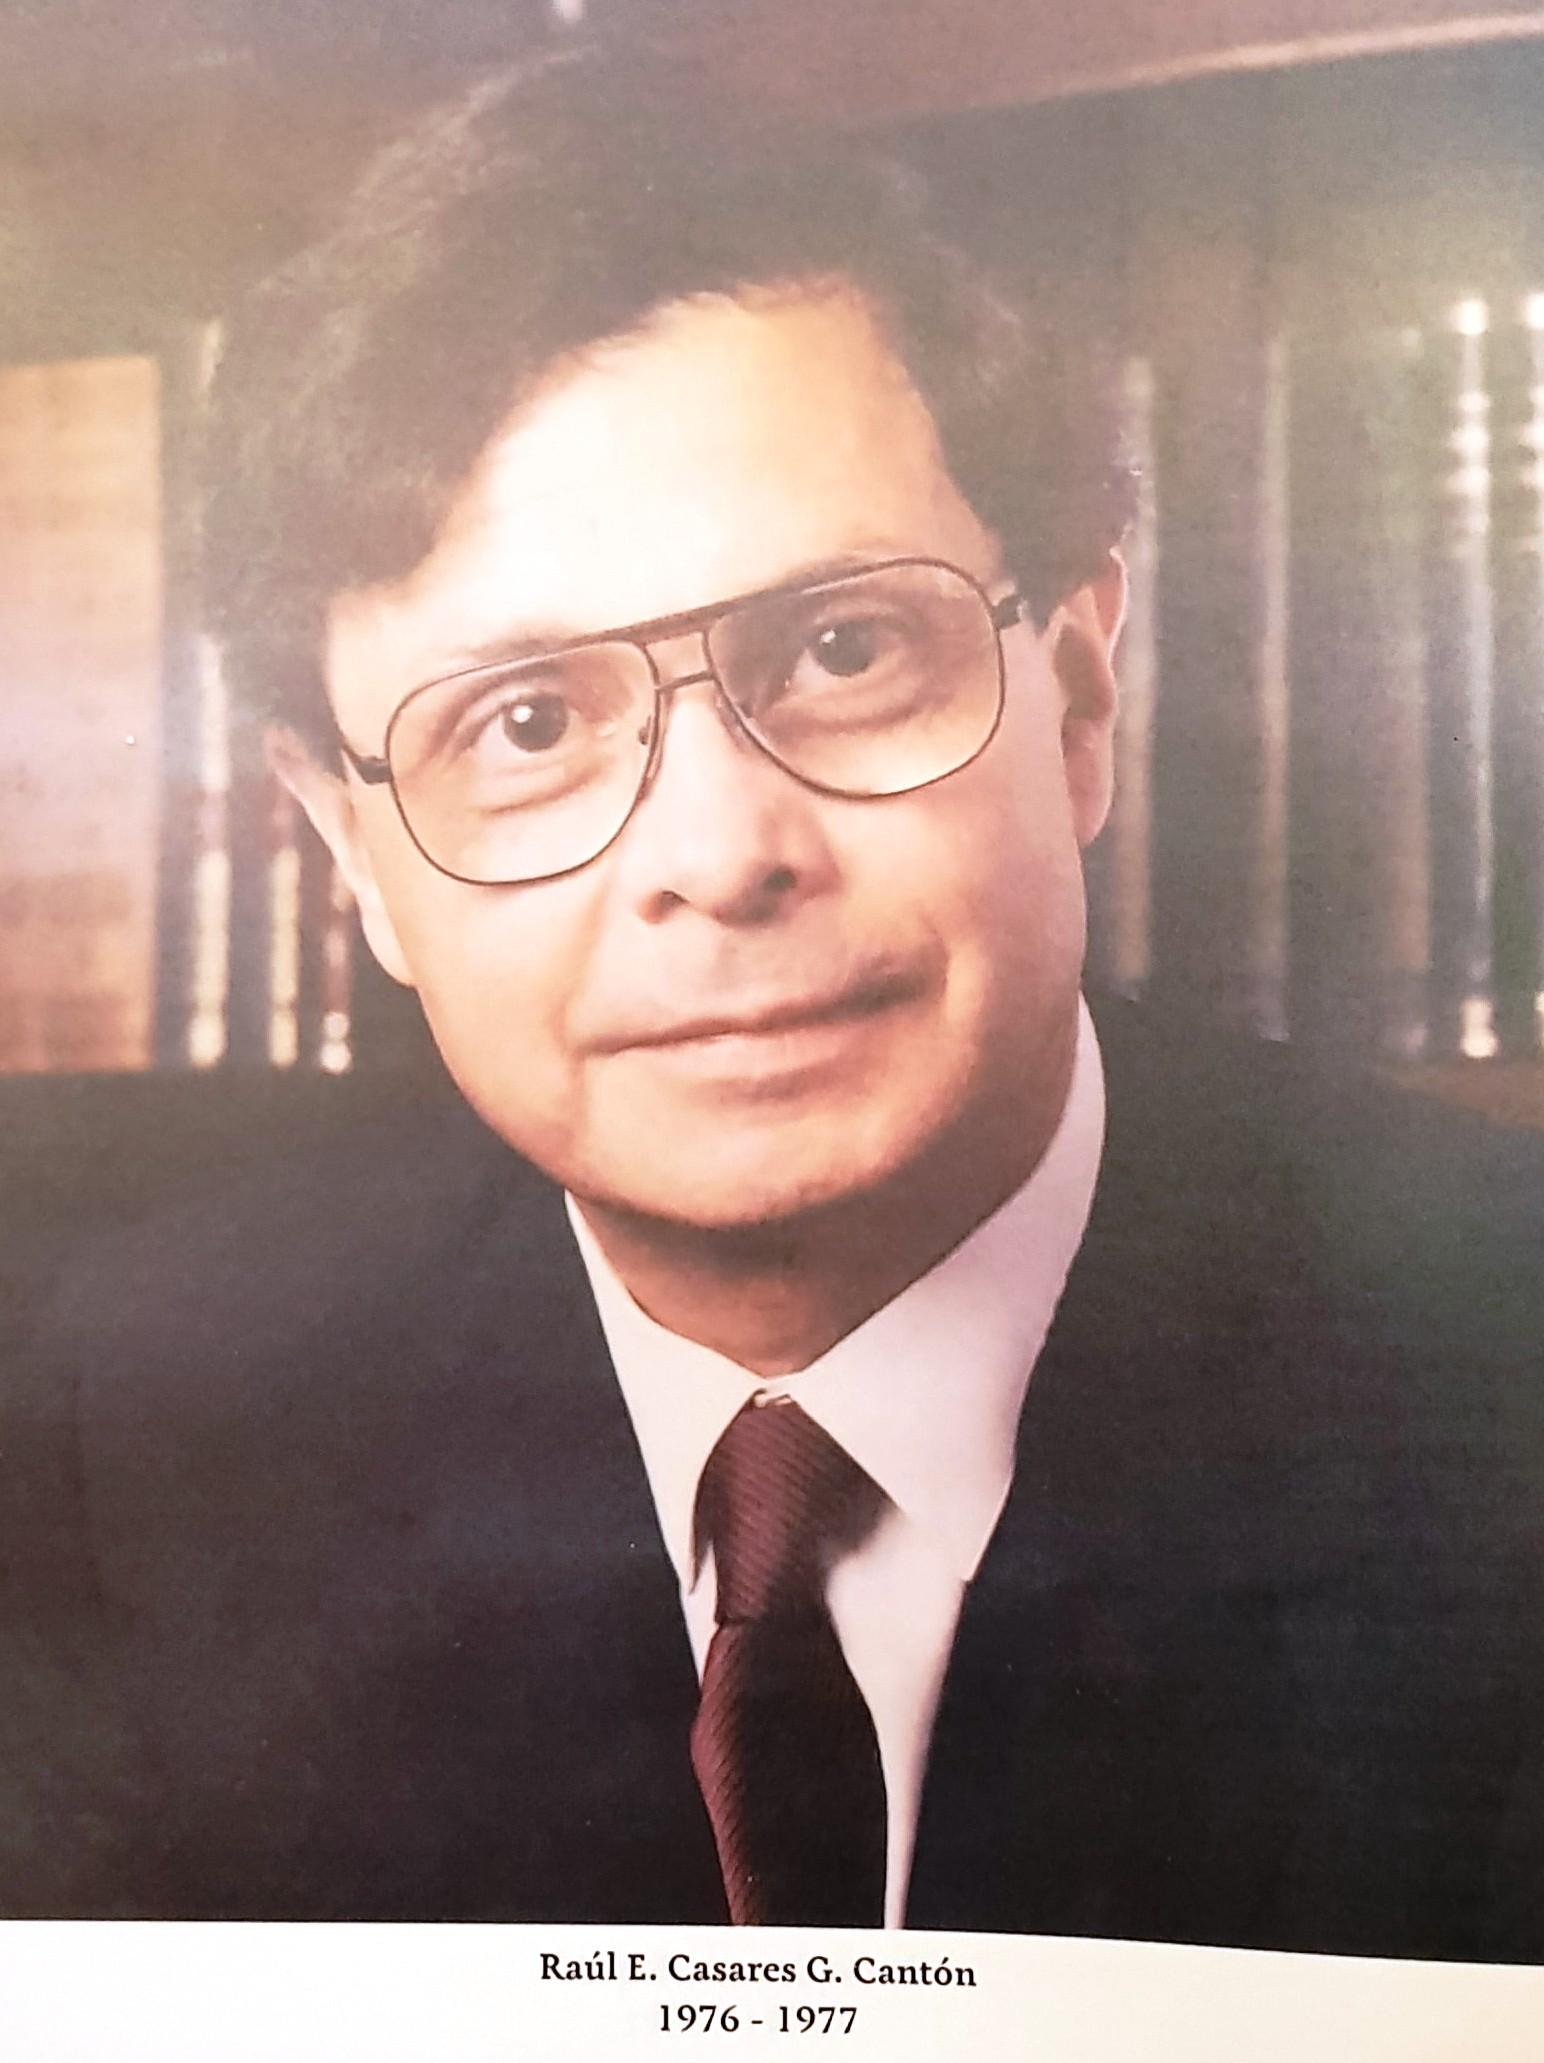 PRESIDENTE DE COPARMEX SR. RAÚL E. CASARES G. CANTÓN